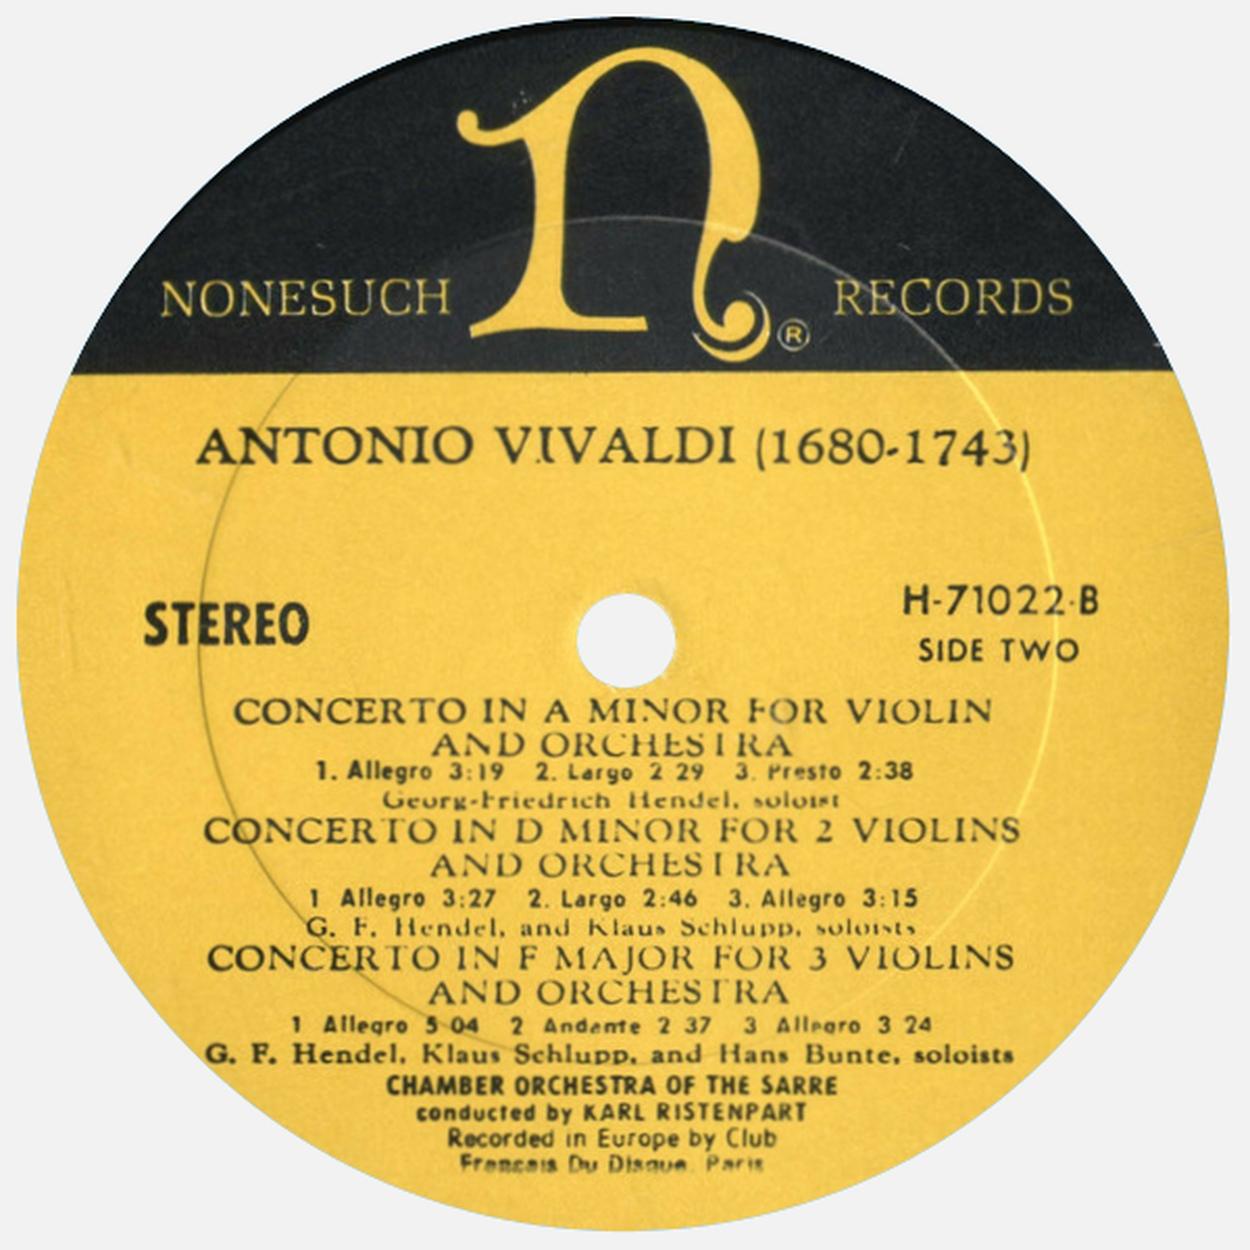 Étiquette versoo du disque Nonesuch H 71022, Cliquer sur la photo pour une vue agrandie